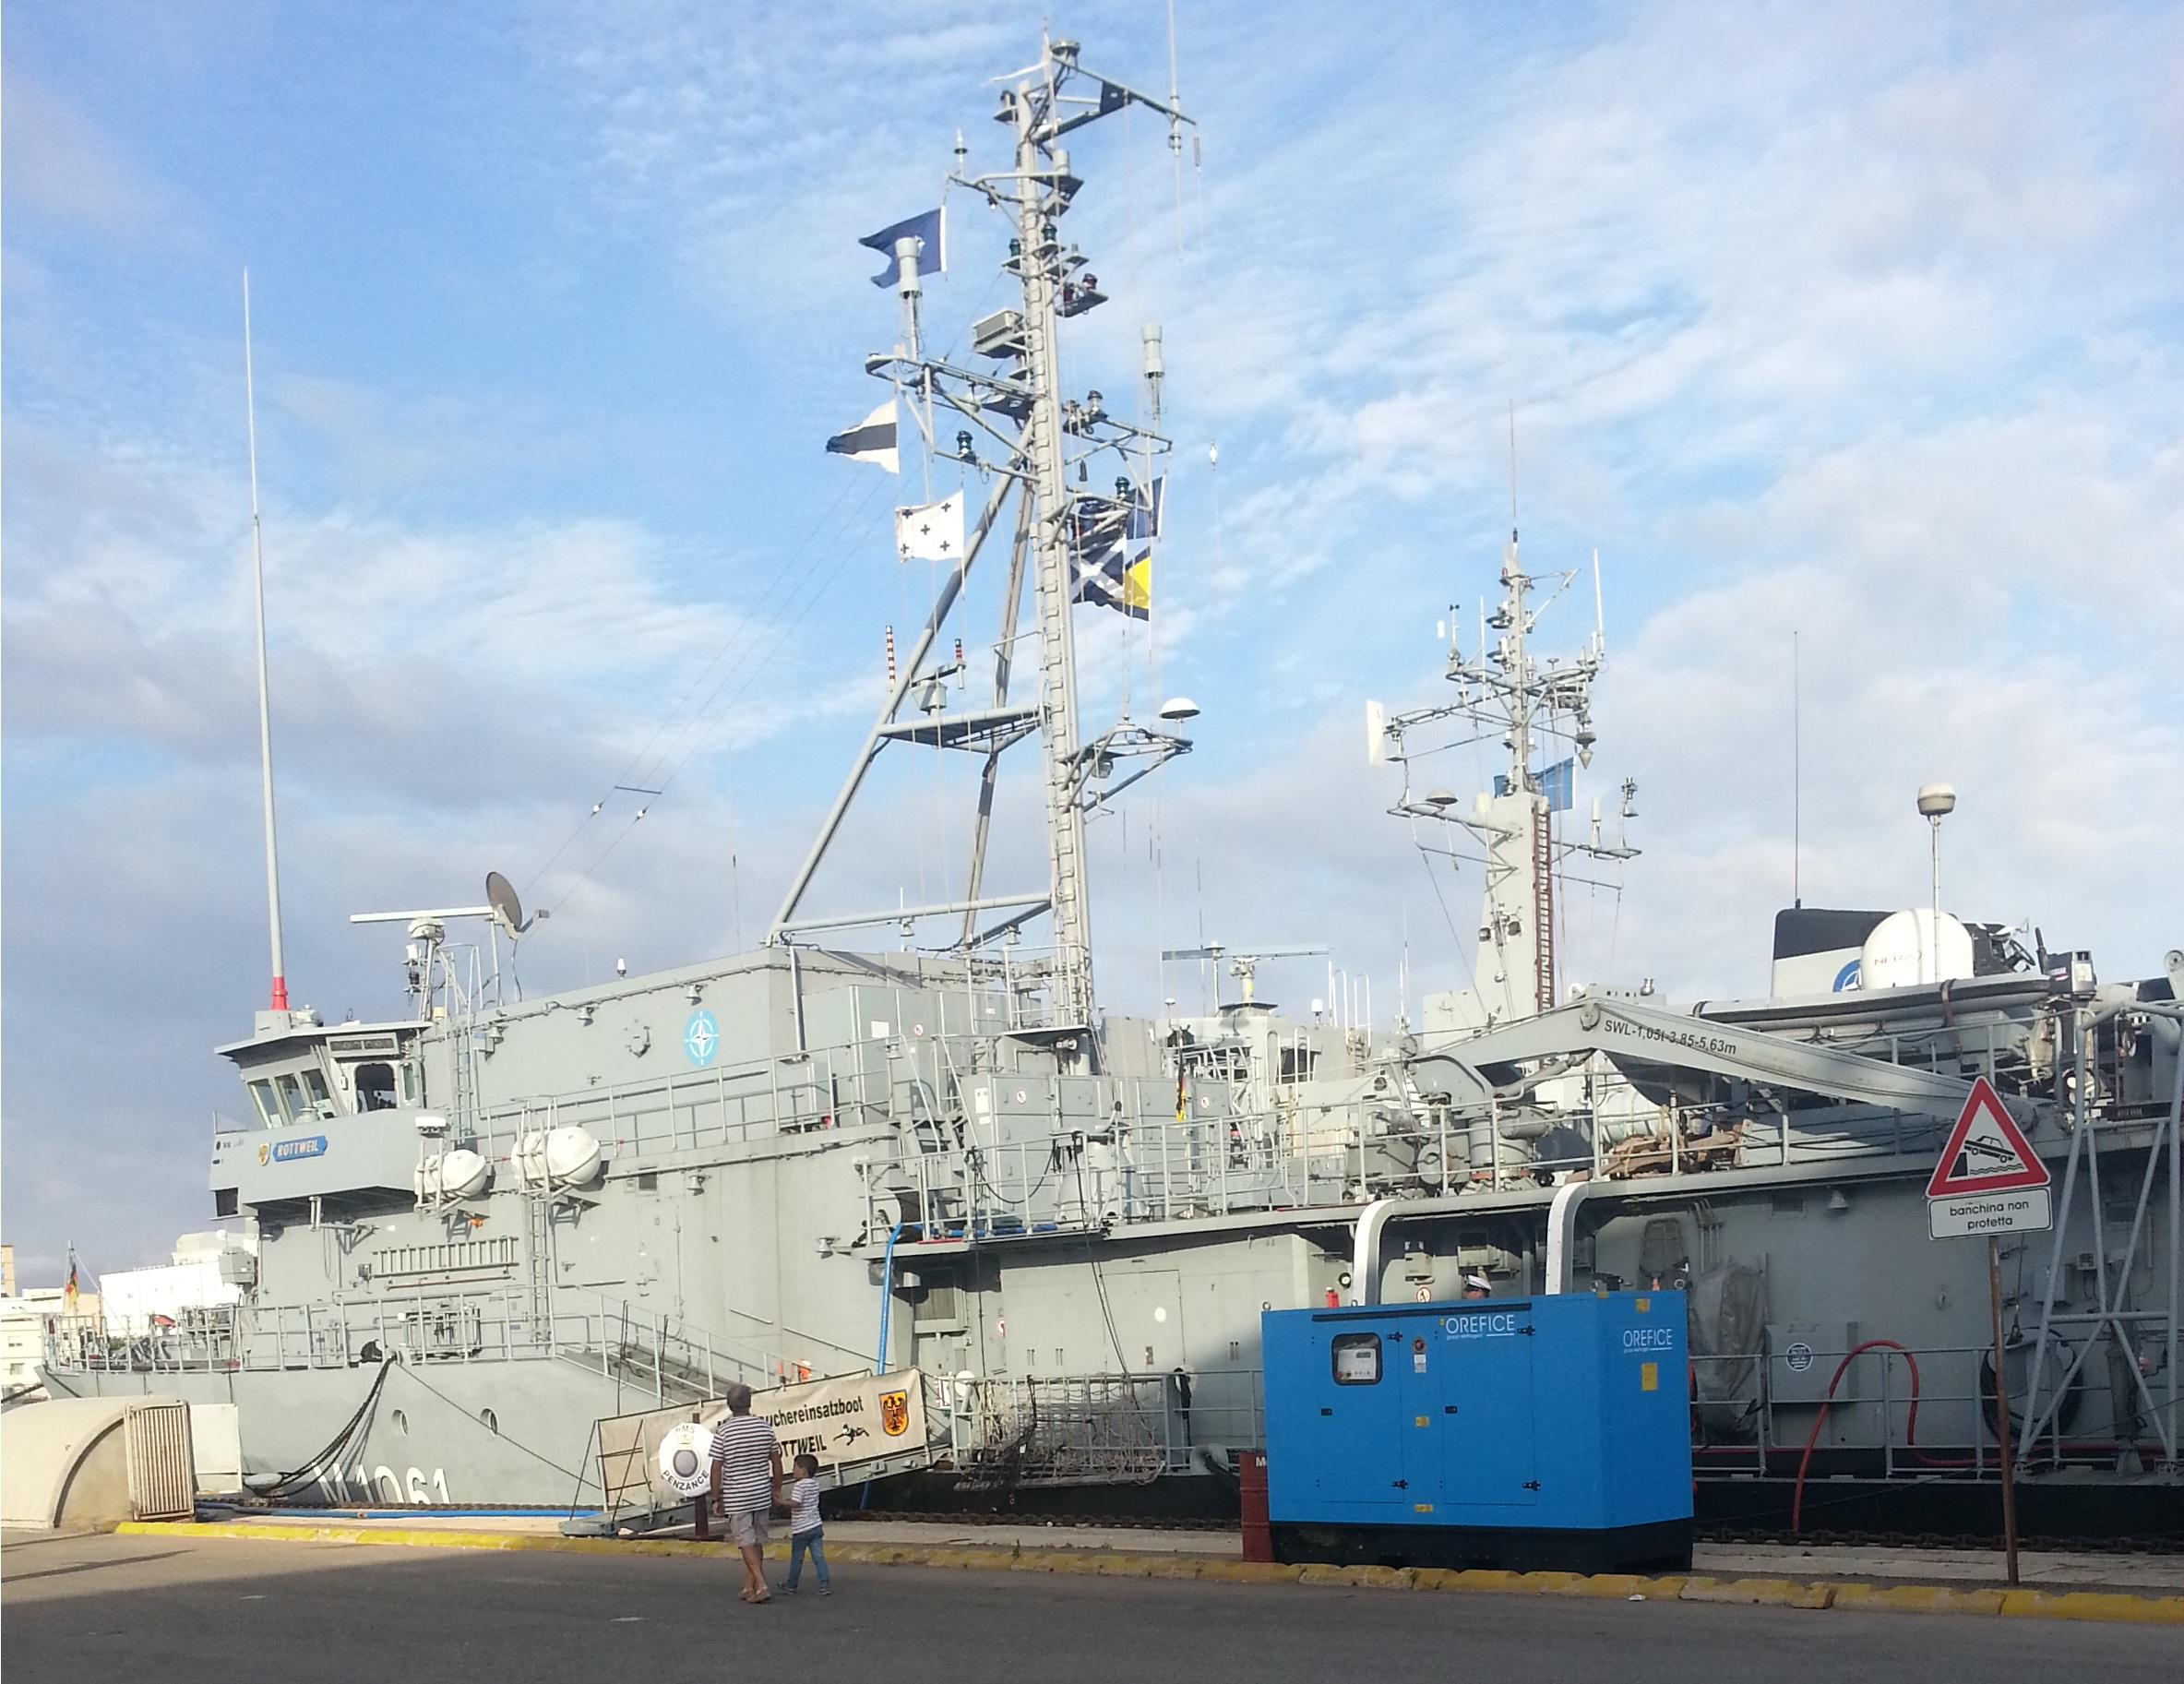 Marina Militare Tedesca